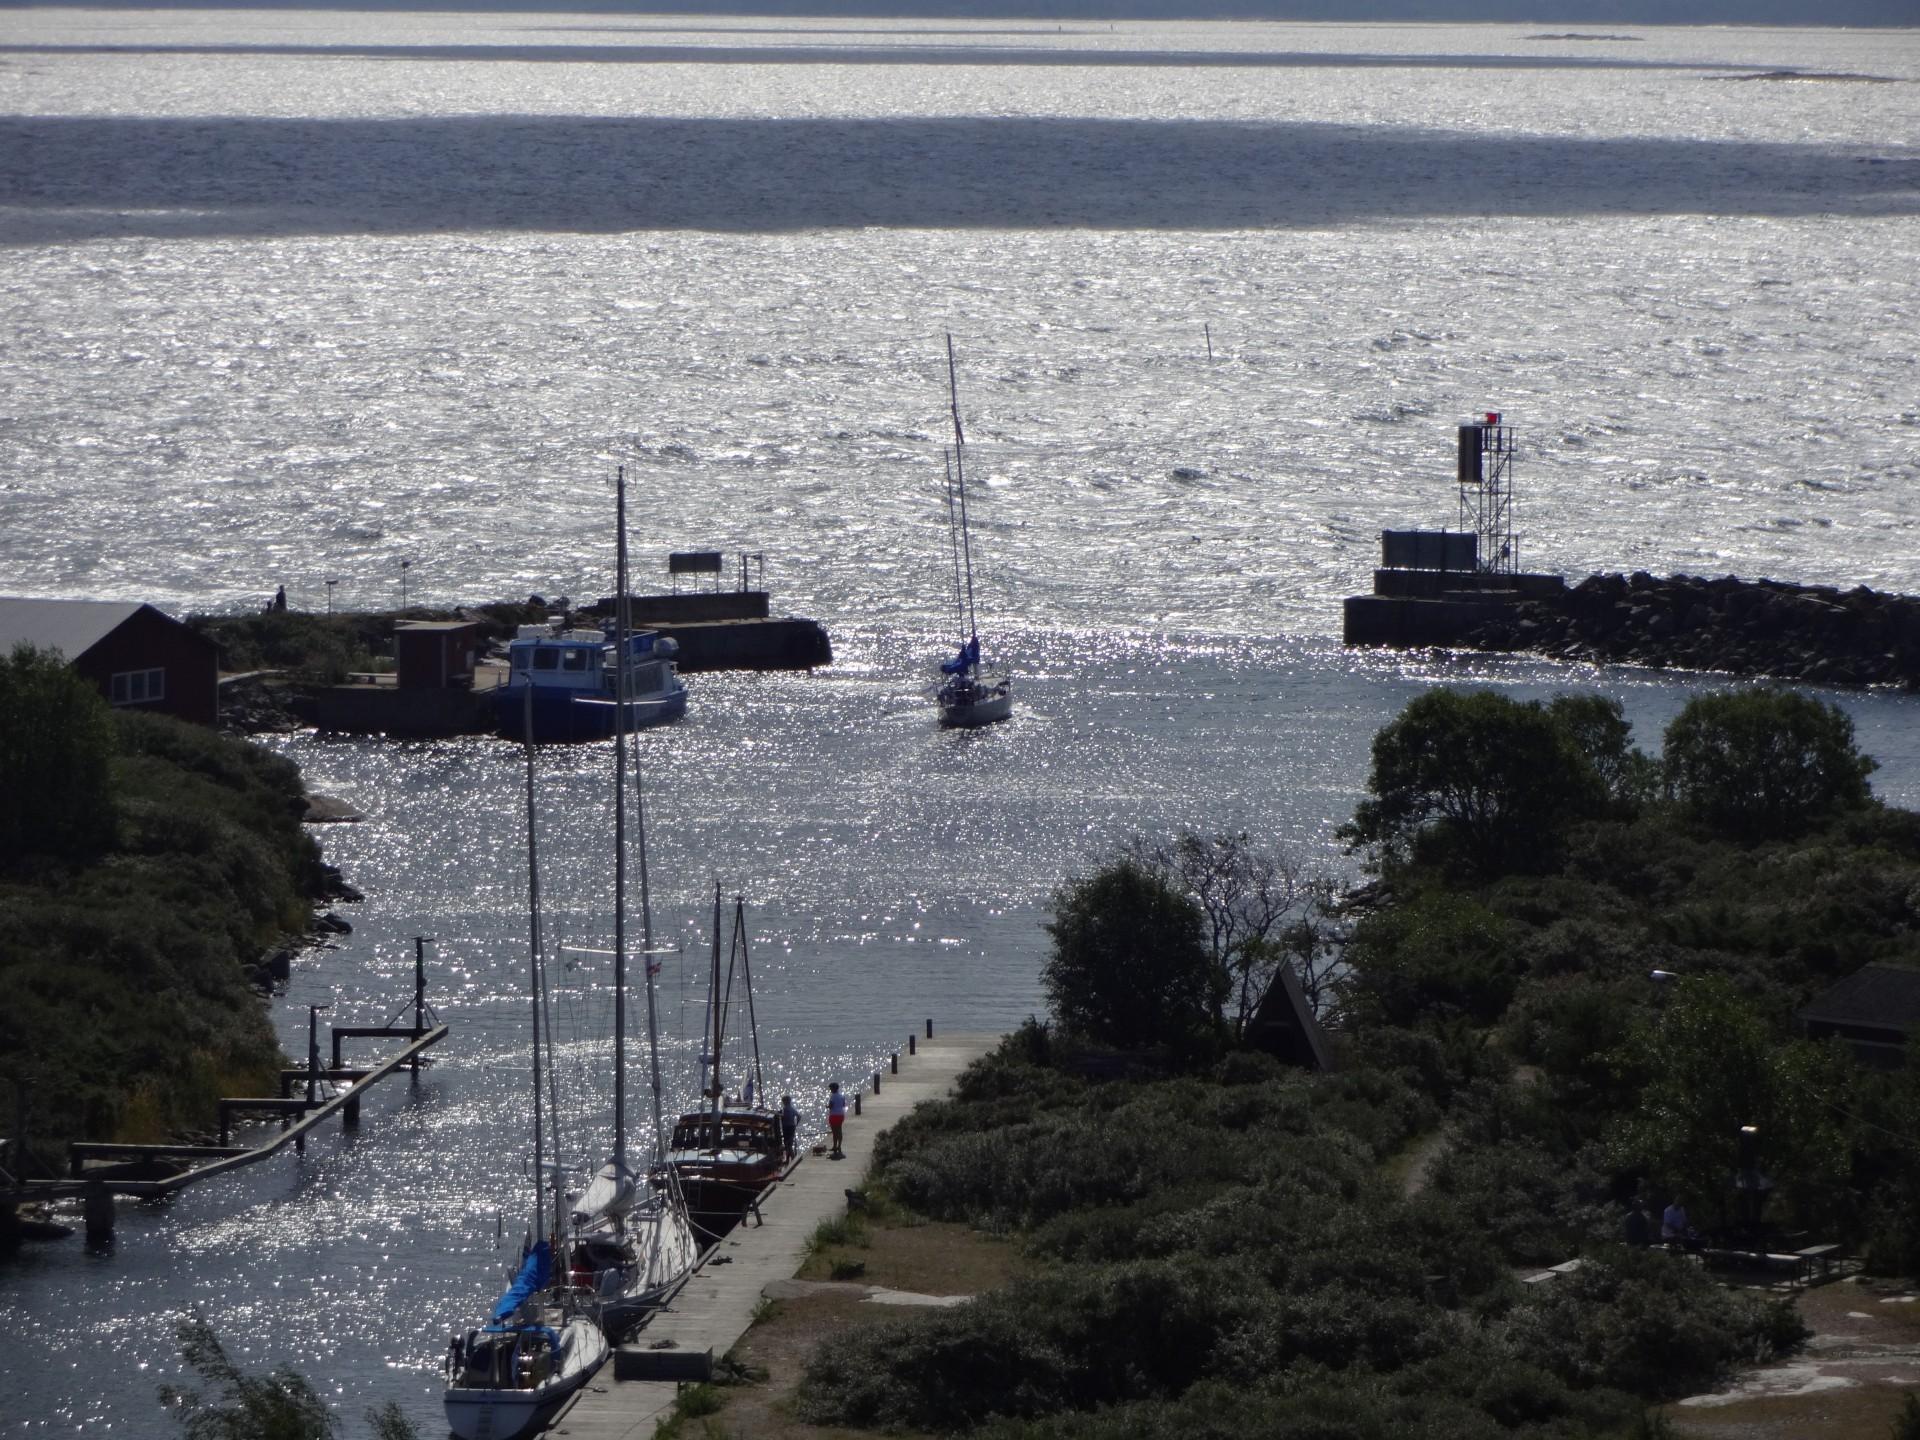 Kylmäpihlajan satama tarjoaa hyvän suojan, kun avomerellä myrskyää.